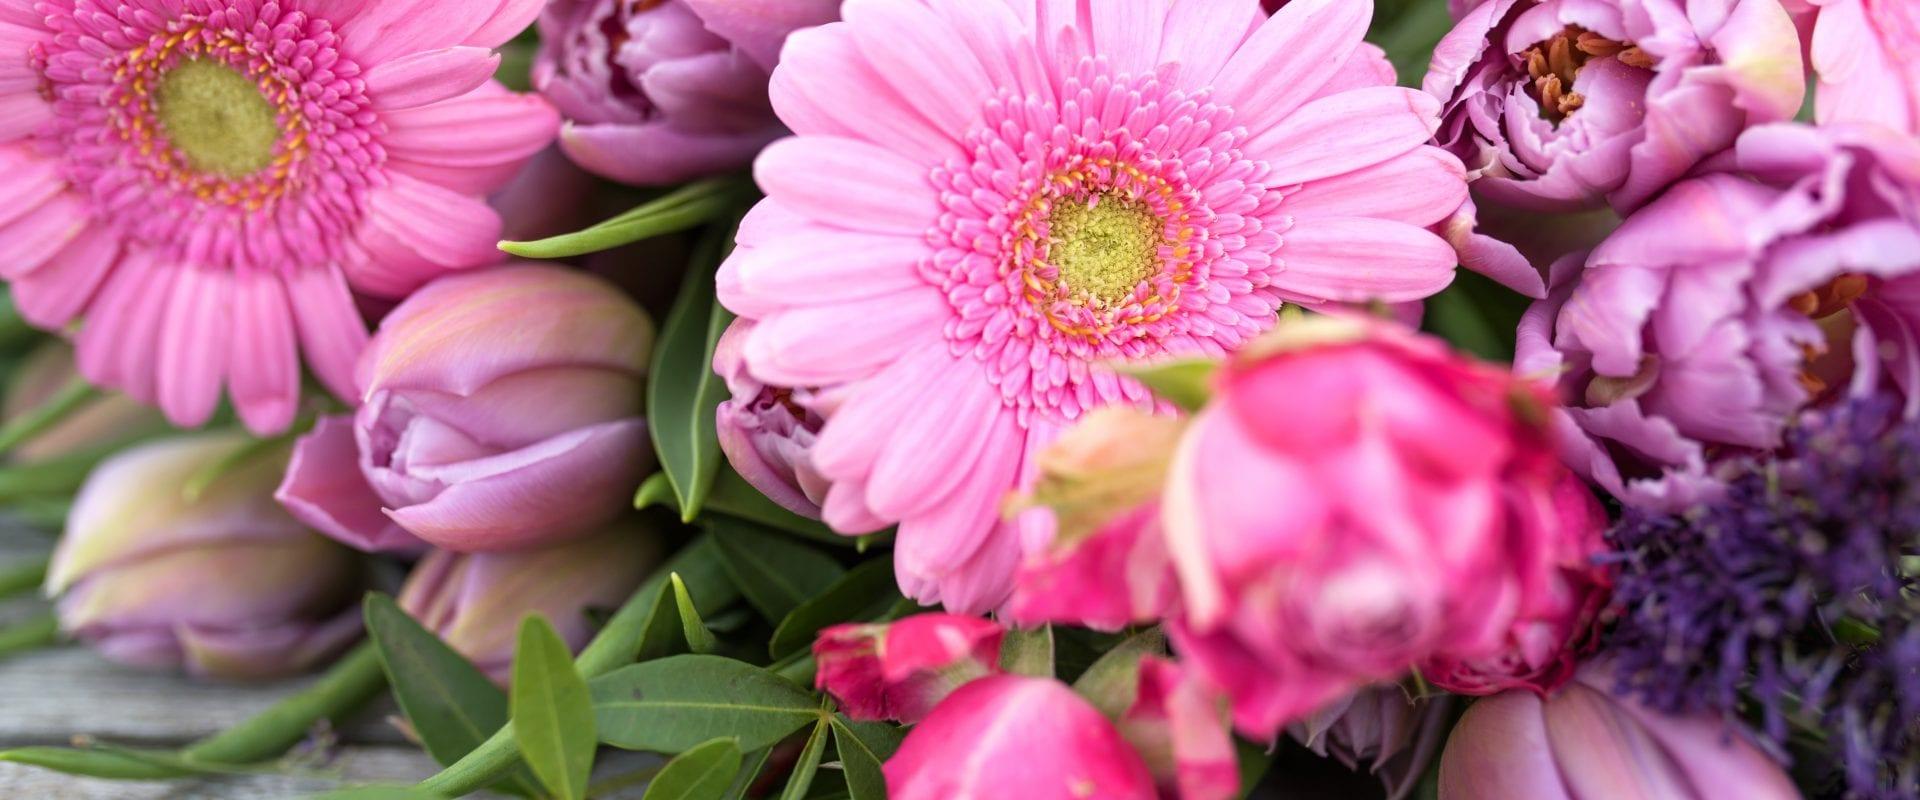 Bloemen in de koelkast bewaren? Ja, maar dat niet alleen!